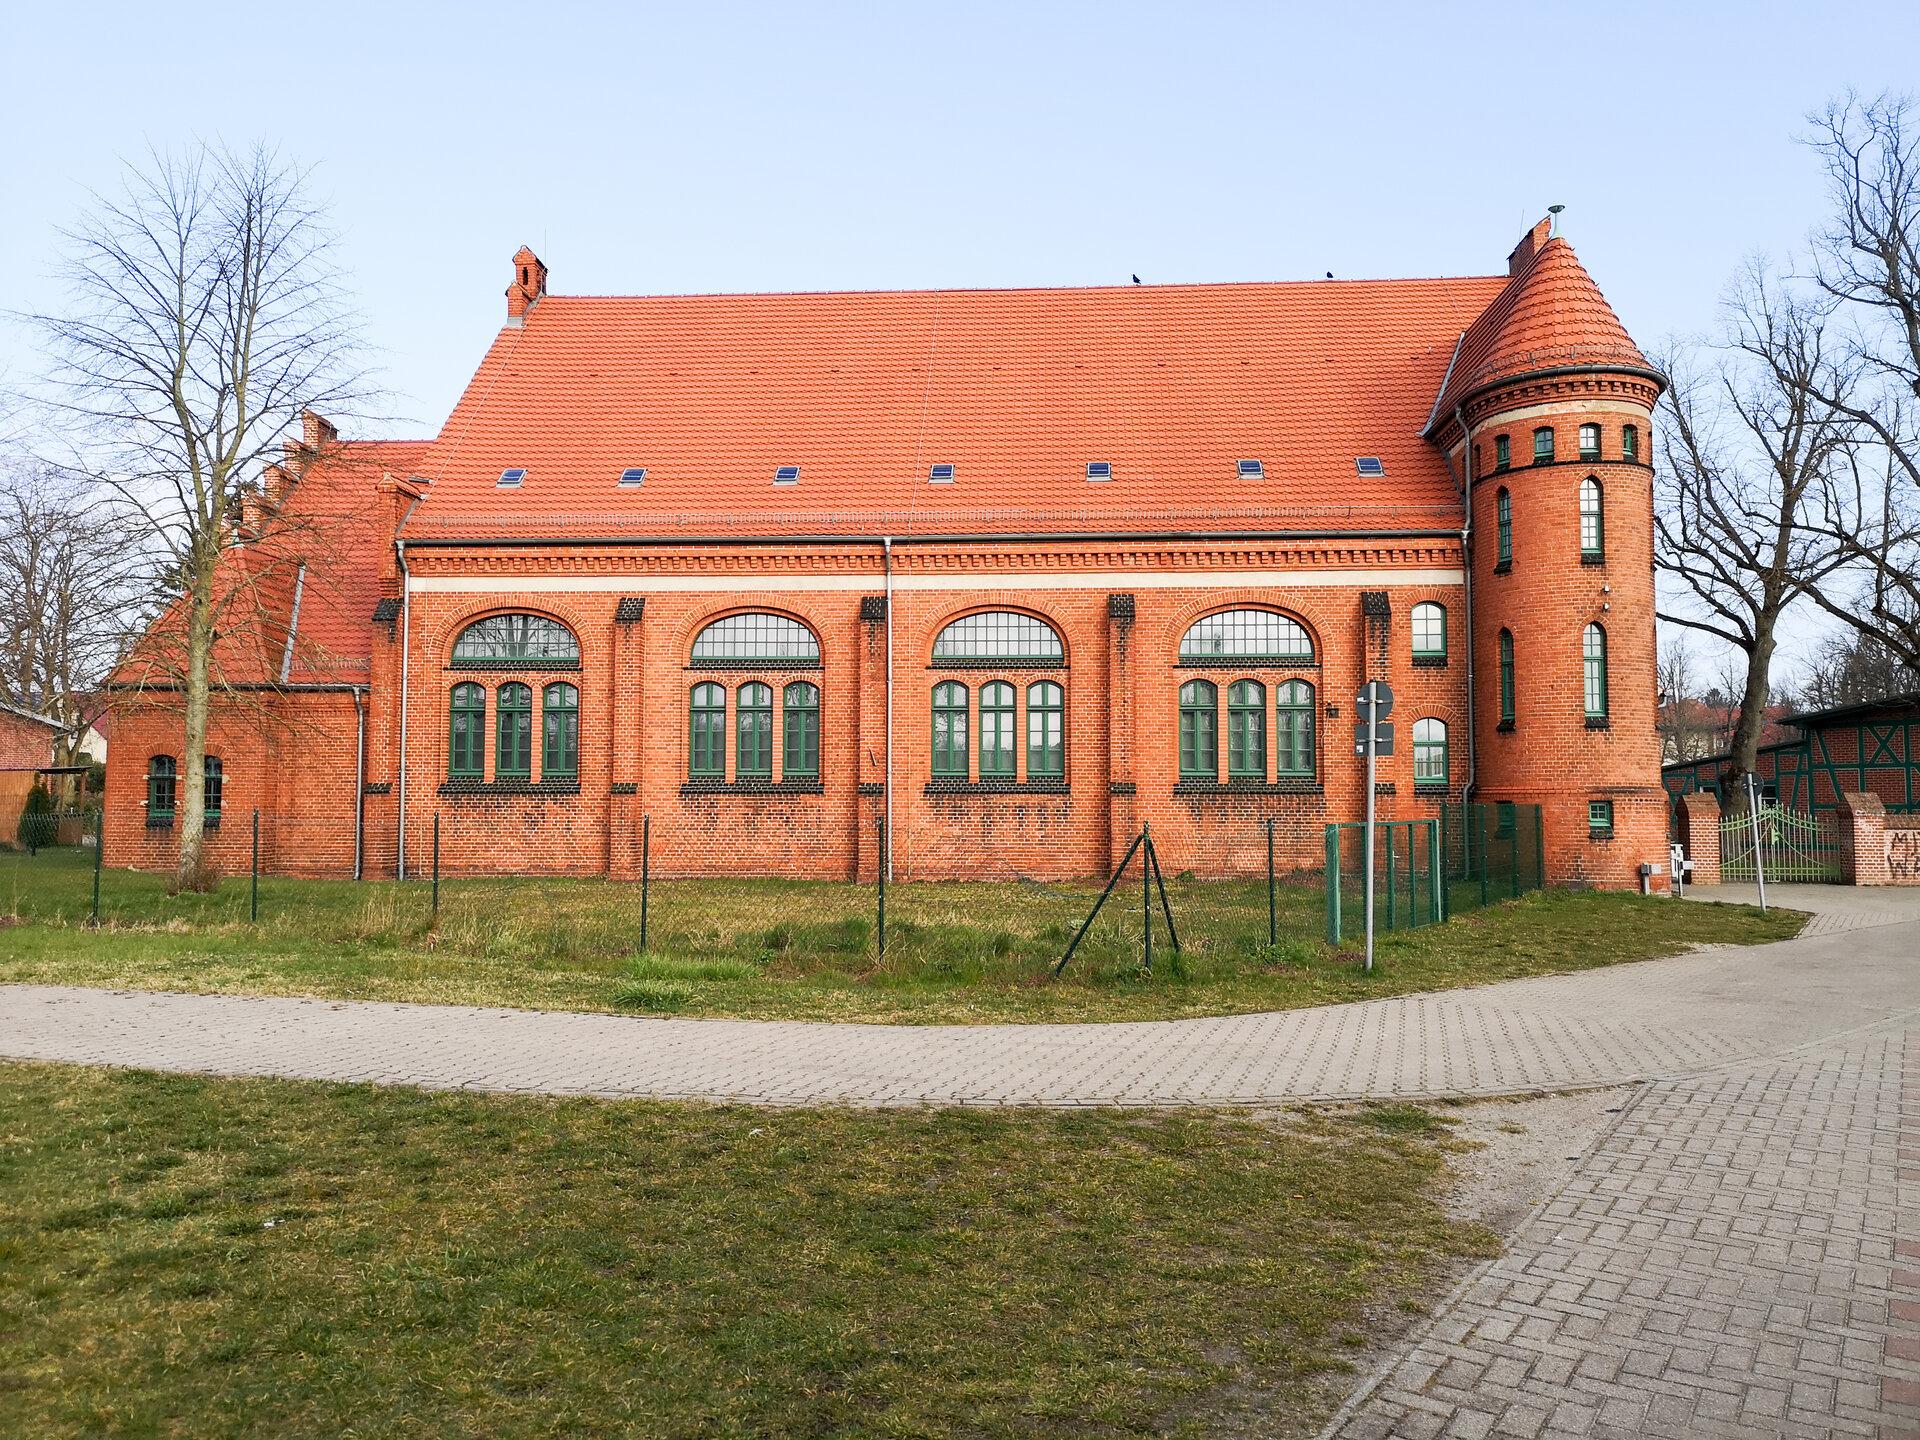 Turnhalle_Gymnasium_4_von_4_